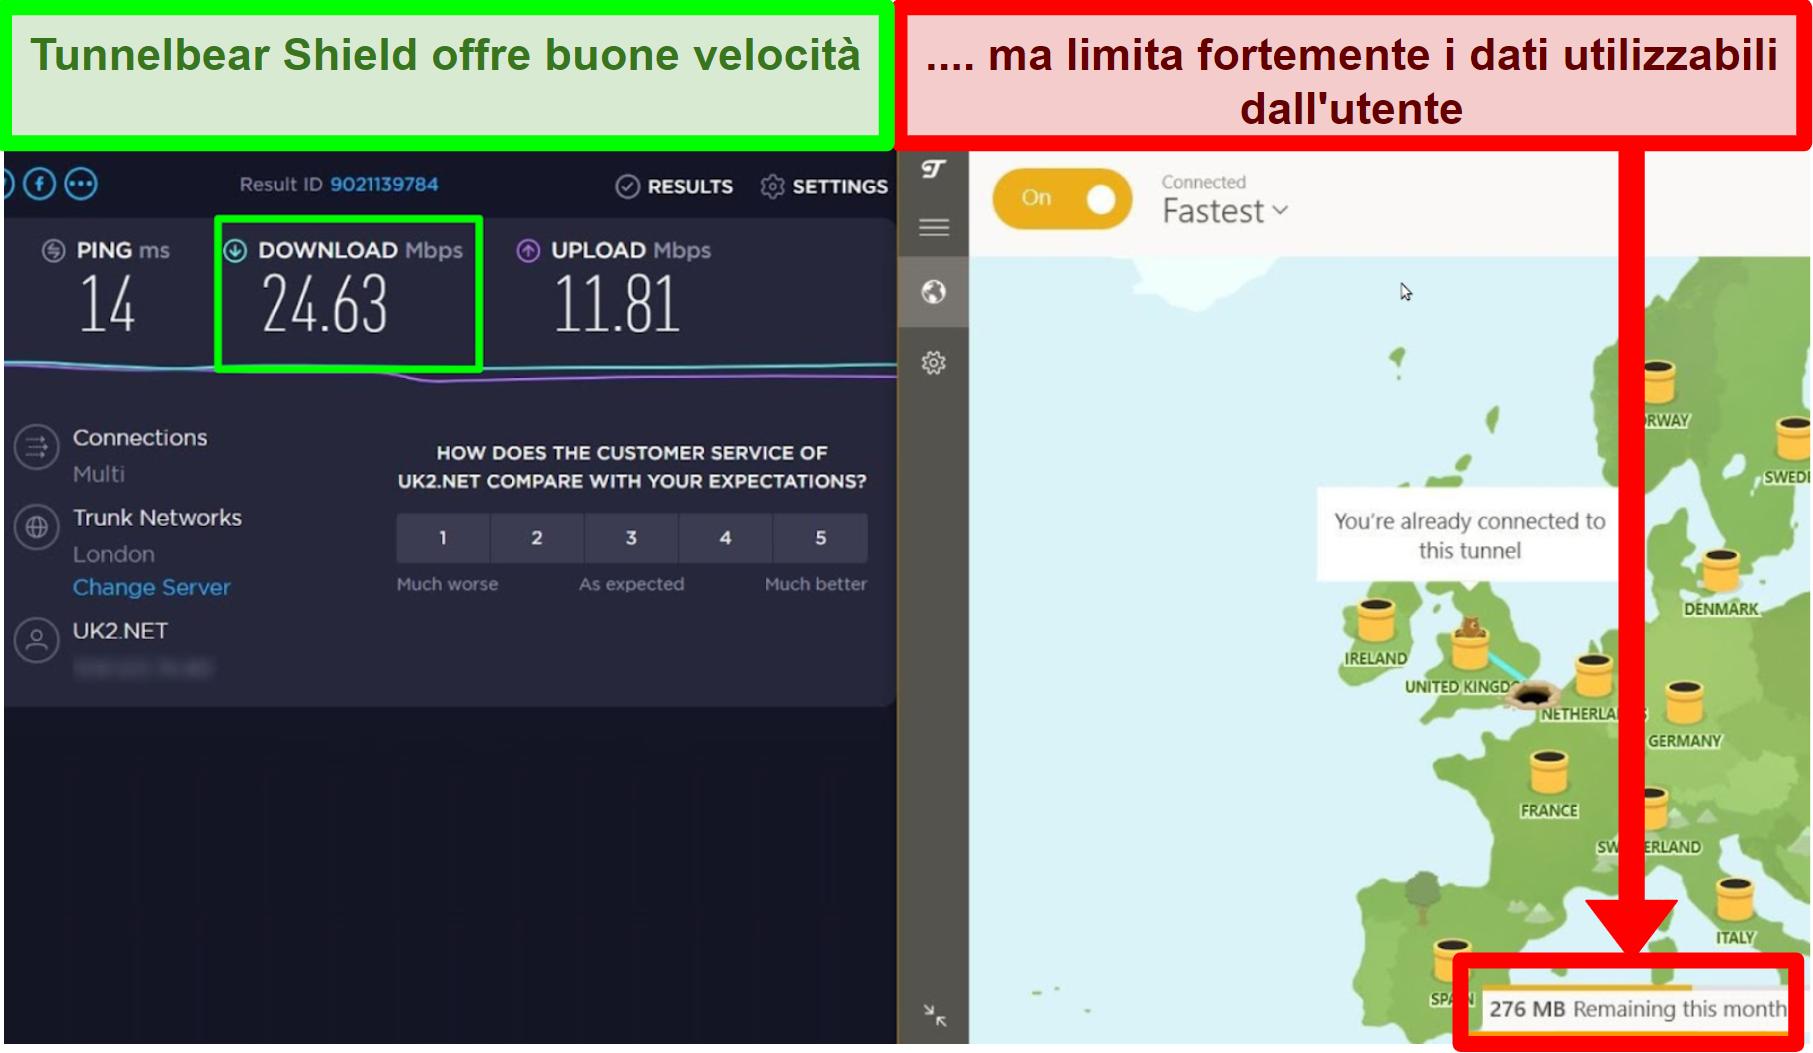 TunnelBear ha buone velocità ma limita i dati dell'utente